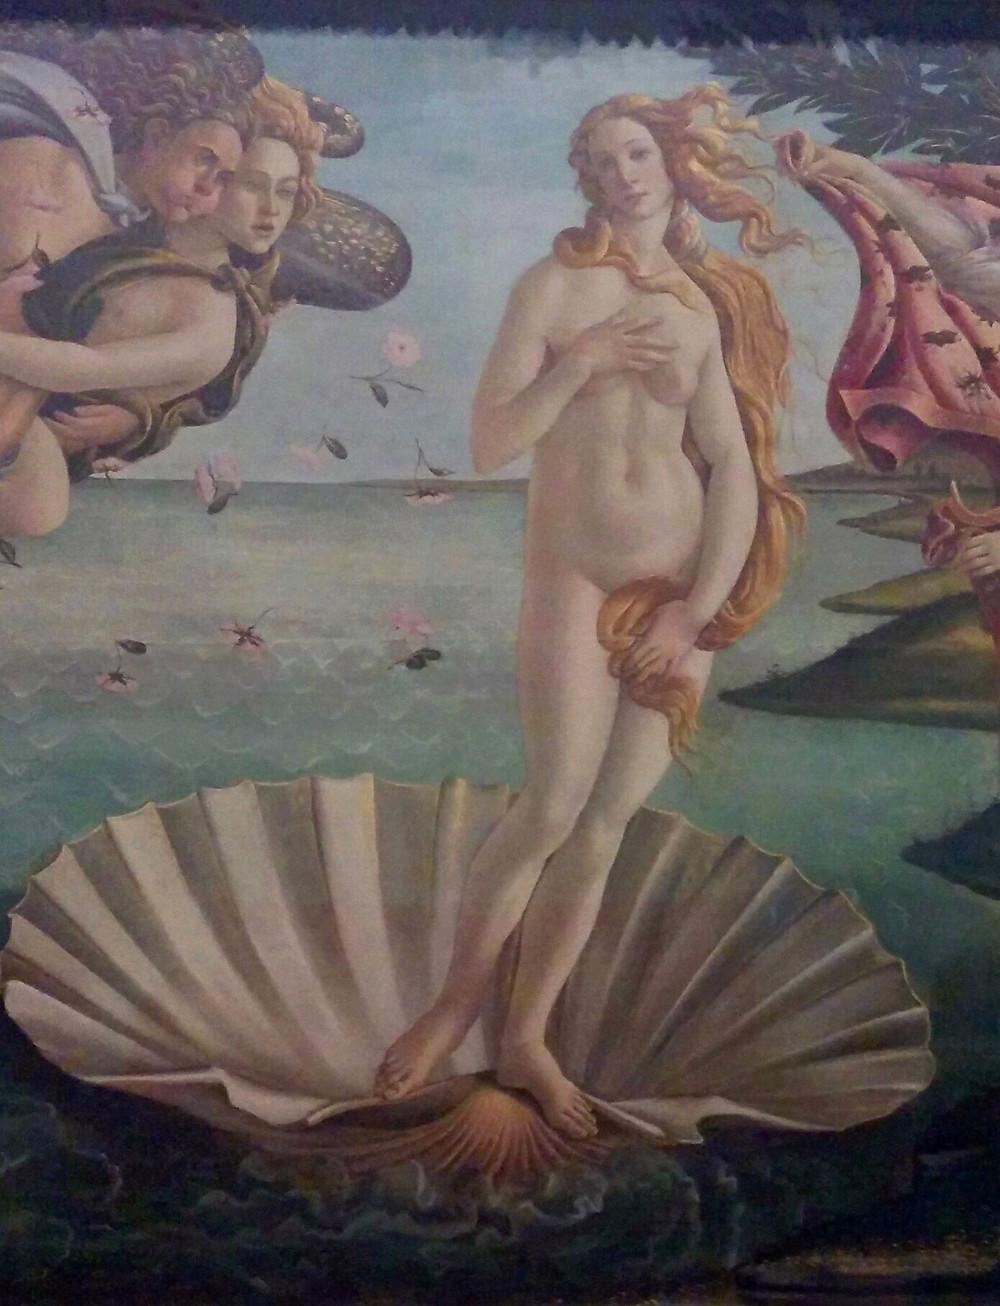 לידתה של ונוס, בוטיצ'לי, גלריה אופיצי, פירנצה